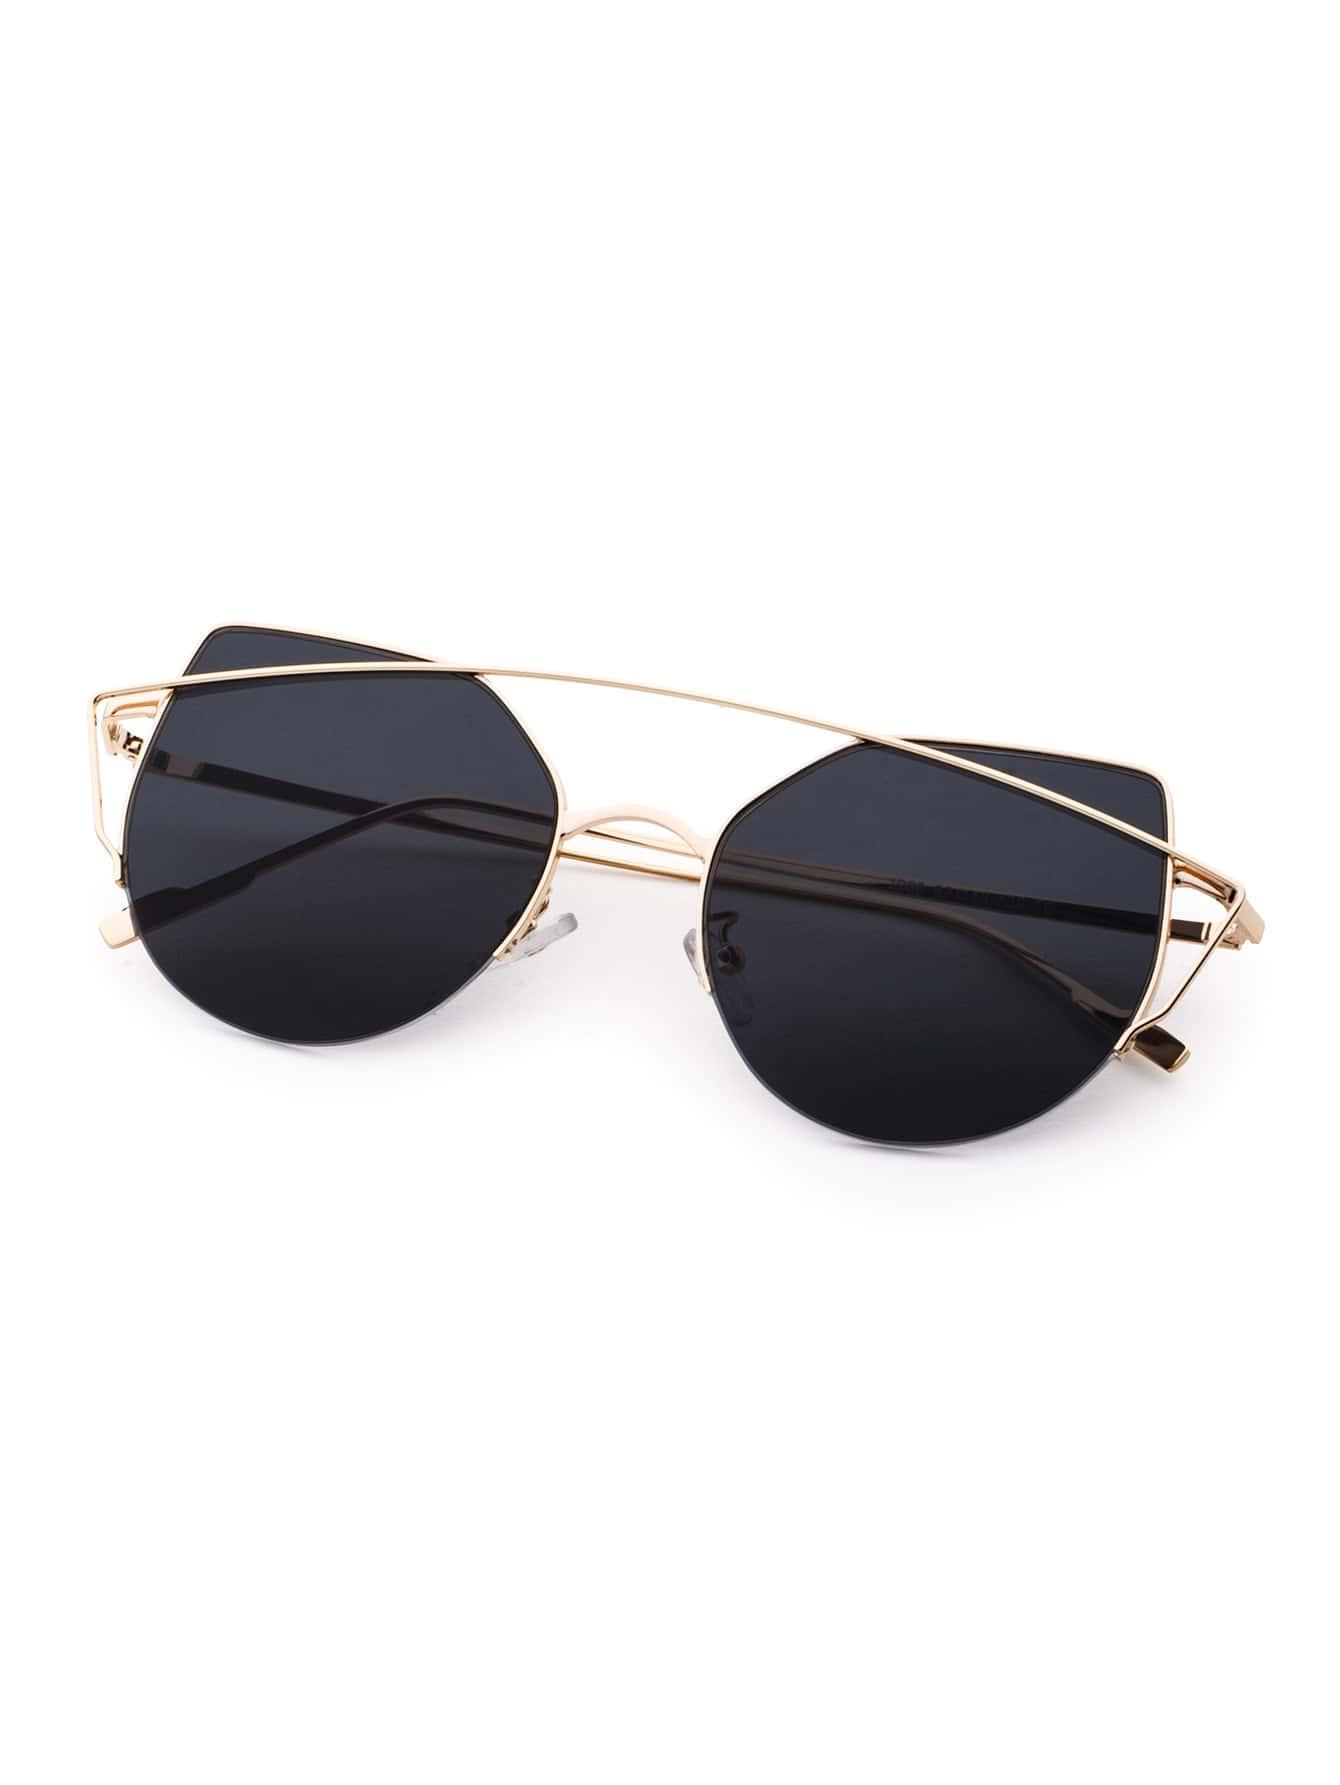 Gold Frame Cat Eye Sunglasses : Gold Frame Double Bridge Black Cat Eye Sunglasses